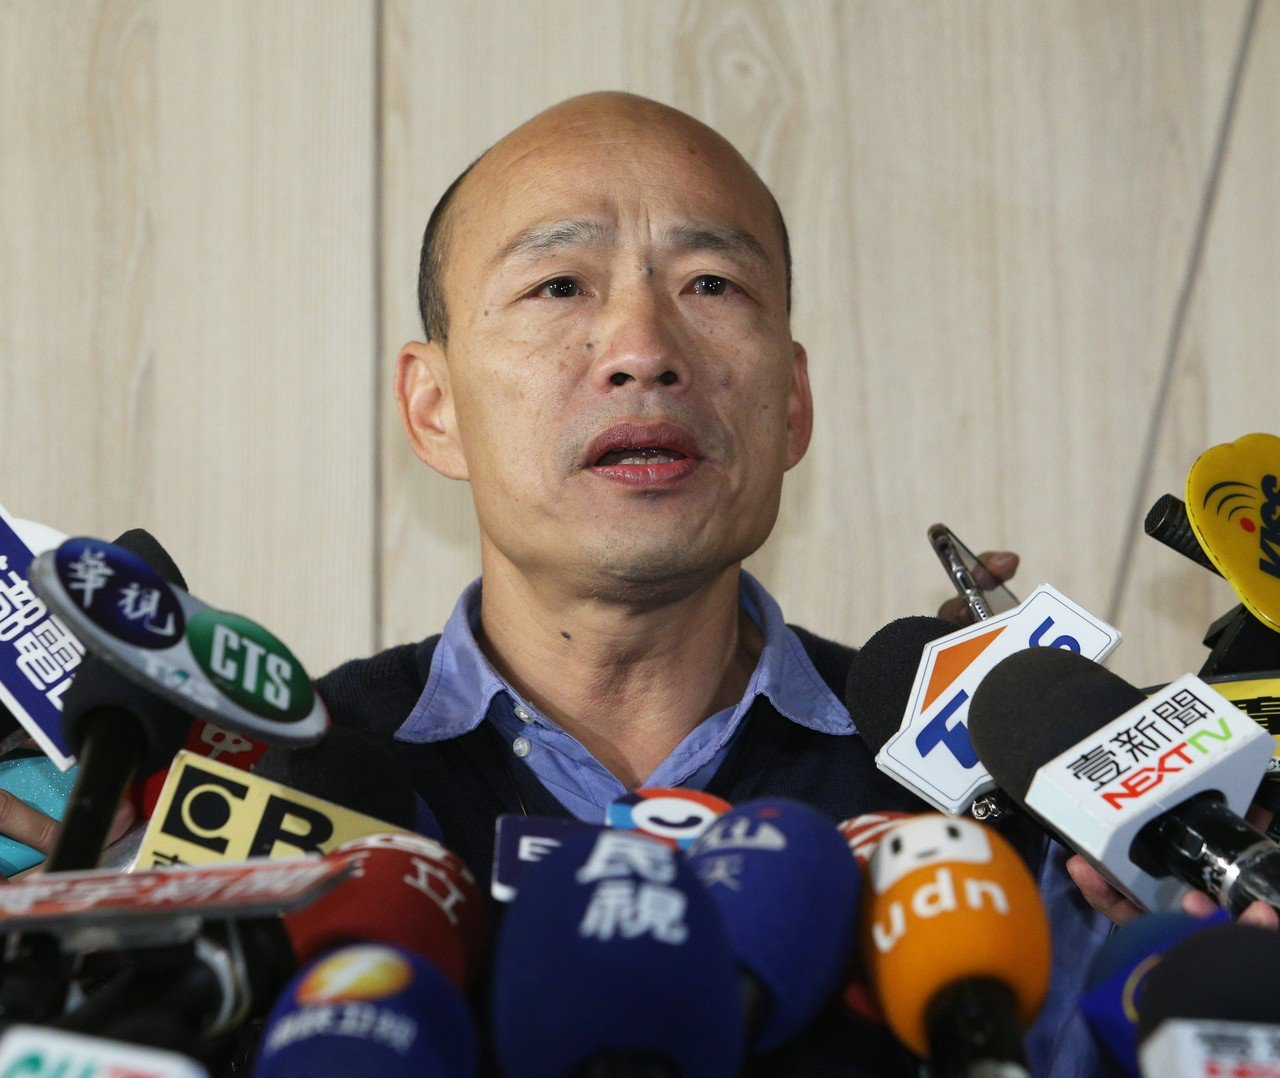 國民黨總統初選的方式預計沒有領表登記等程序。對此,高雄市長韓國瑜表示一切尊重黨中...